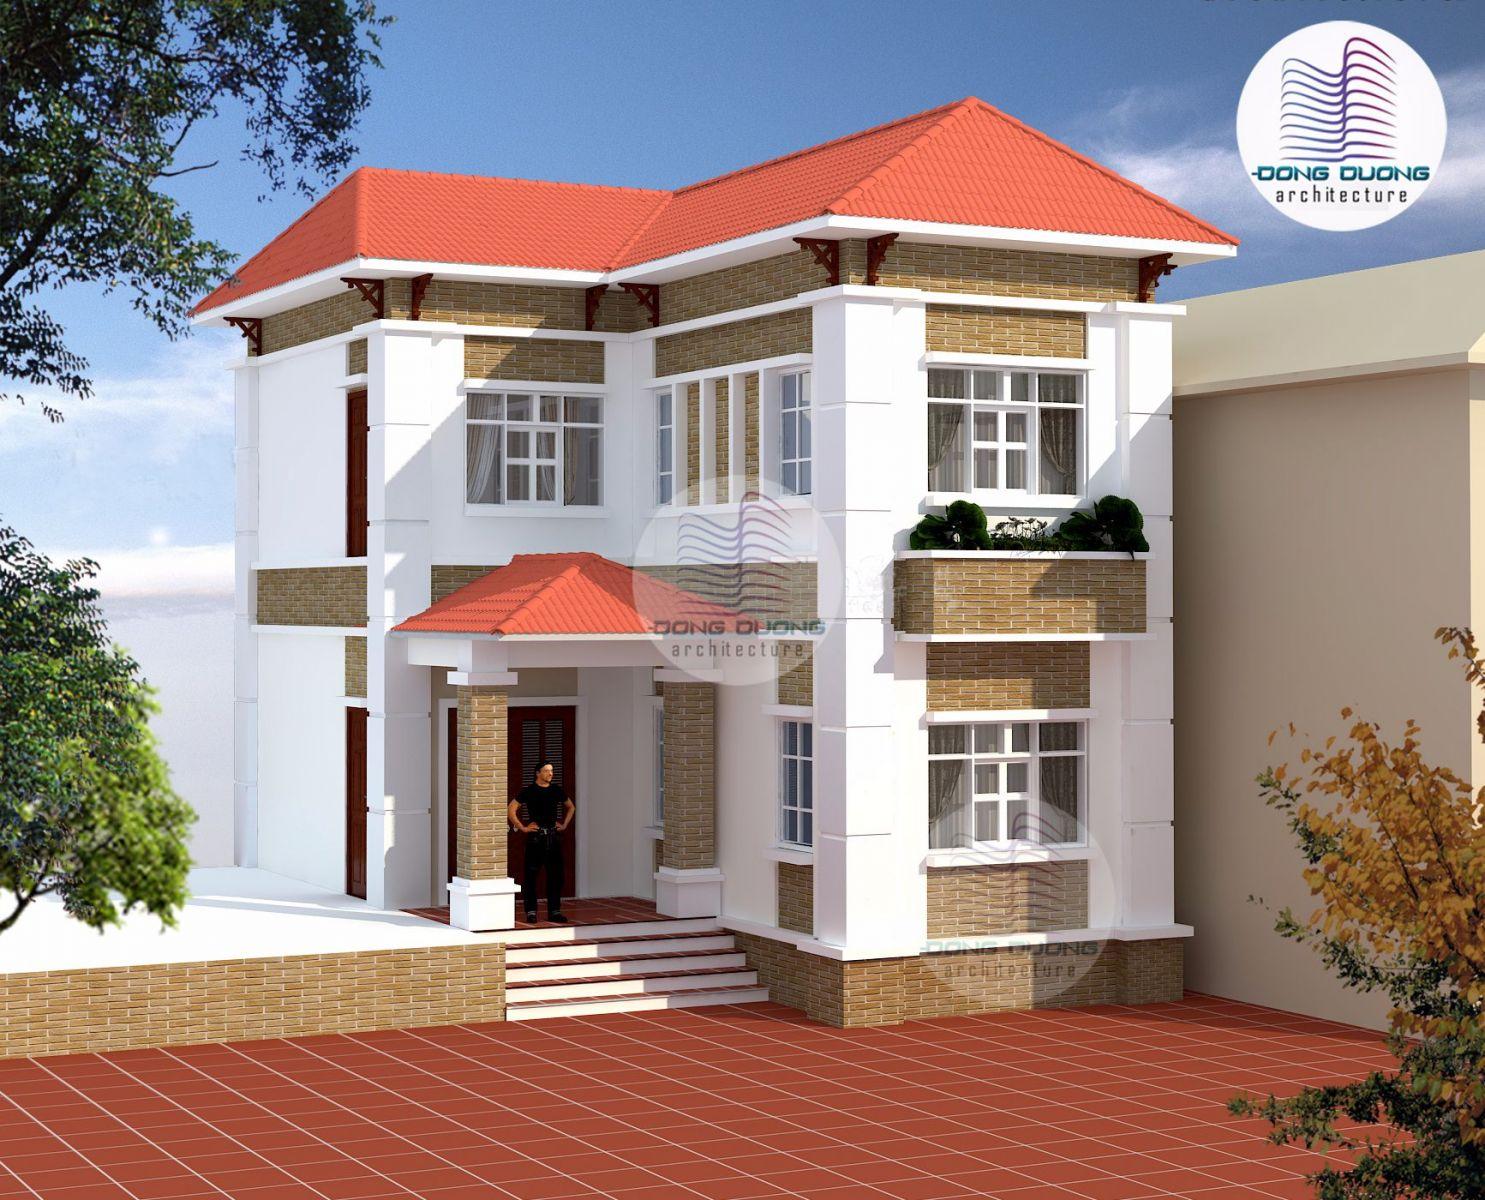 Mẫu thiết kế nhà vườn hiện đại  chữ L 2 tầng đẹp tại Hà Nam - BT1401